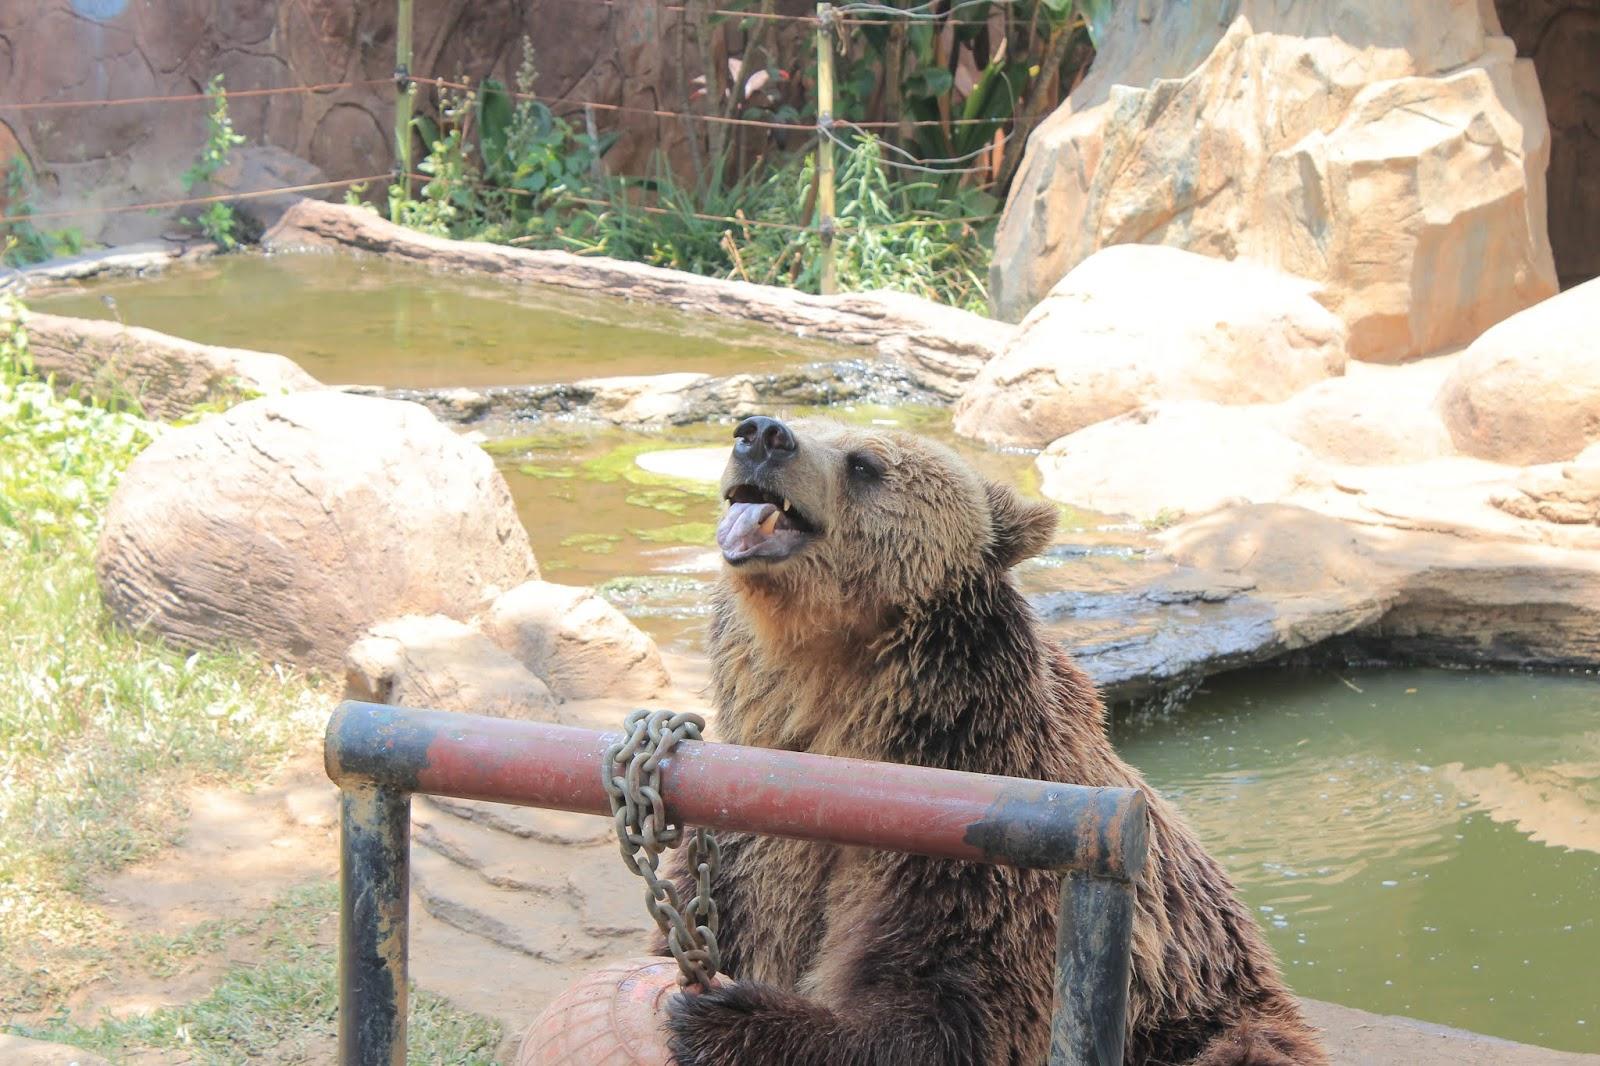 daftar kebun binatang di jawa timur siyo rh siyo site